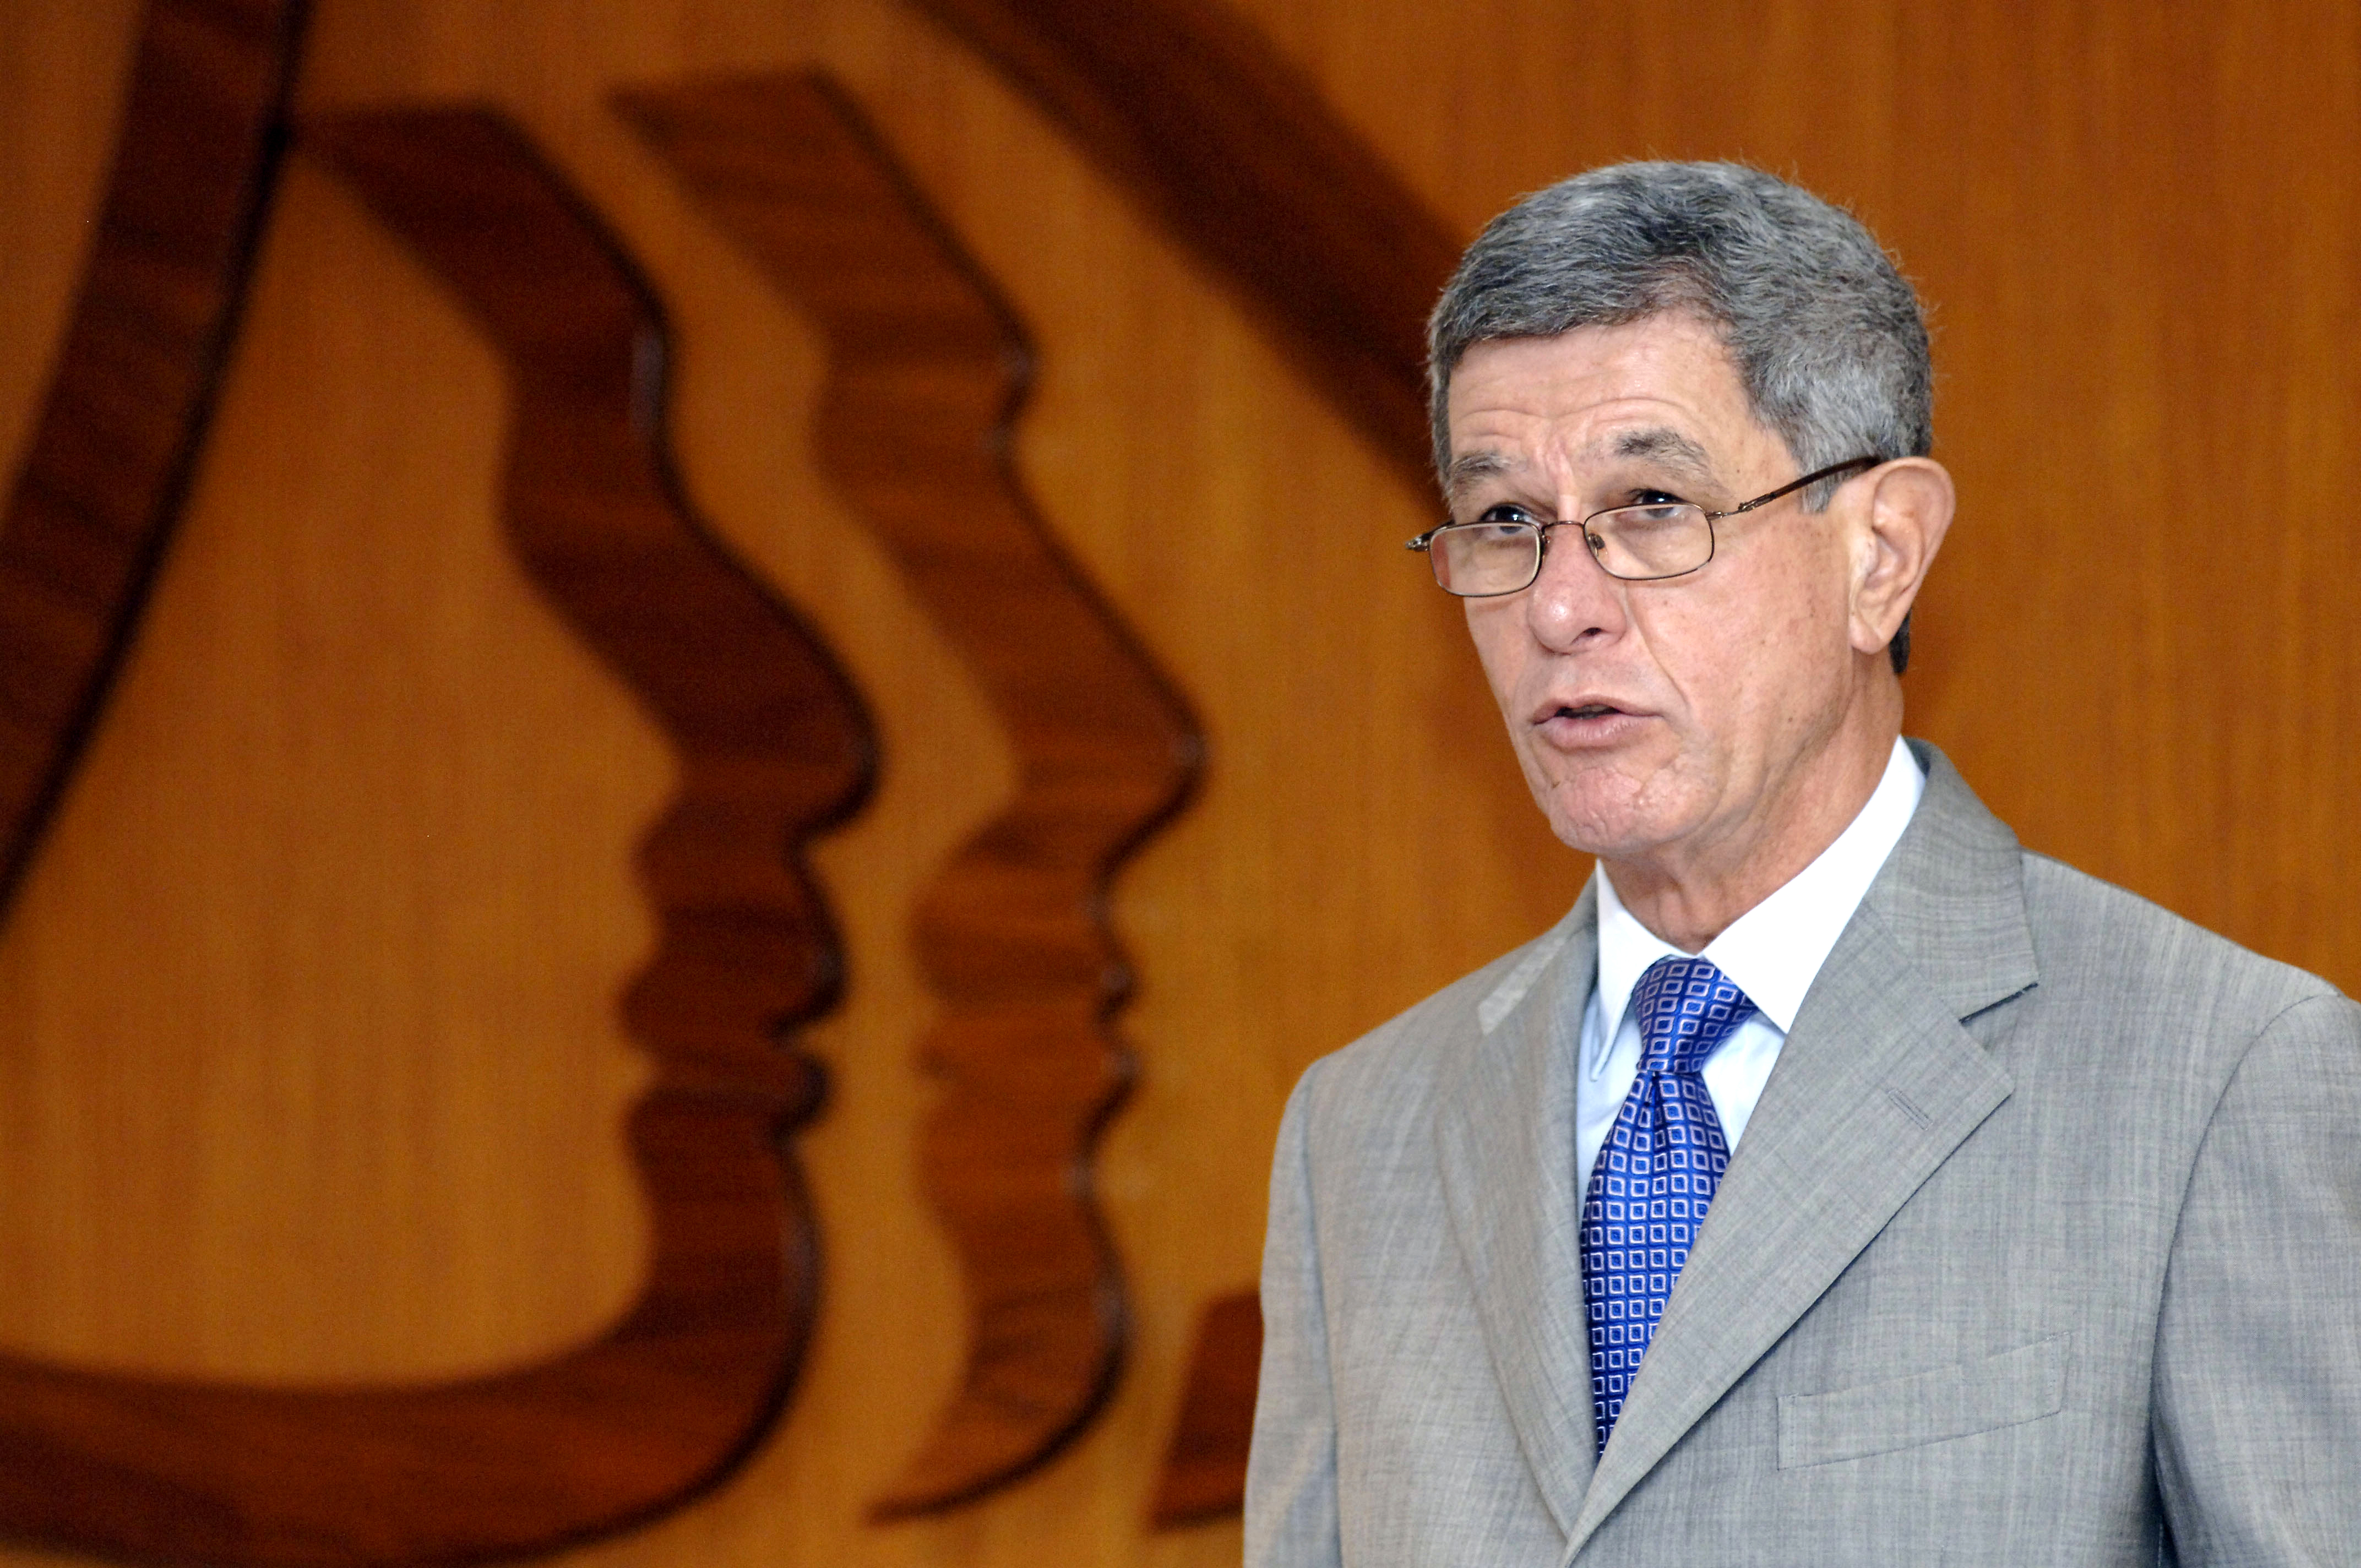 """N-Calédonie: le sénateur Frogier veut """"écarter"""" la possibilité d'autres référendums"""